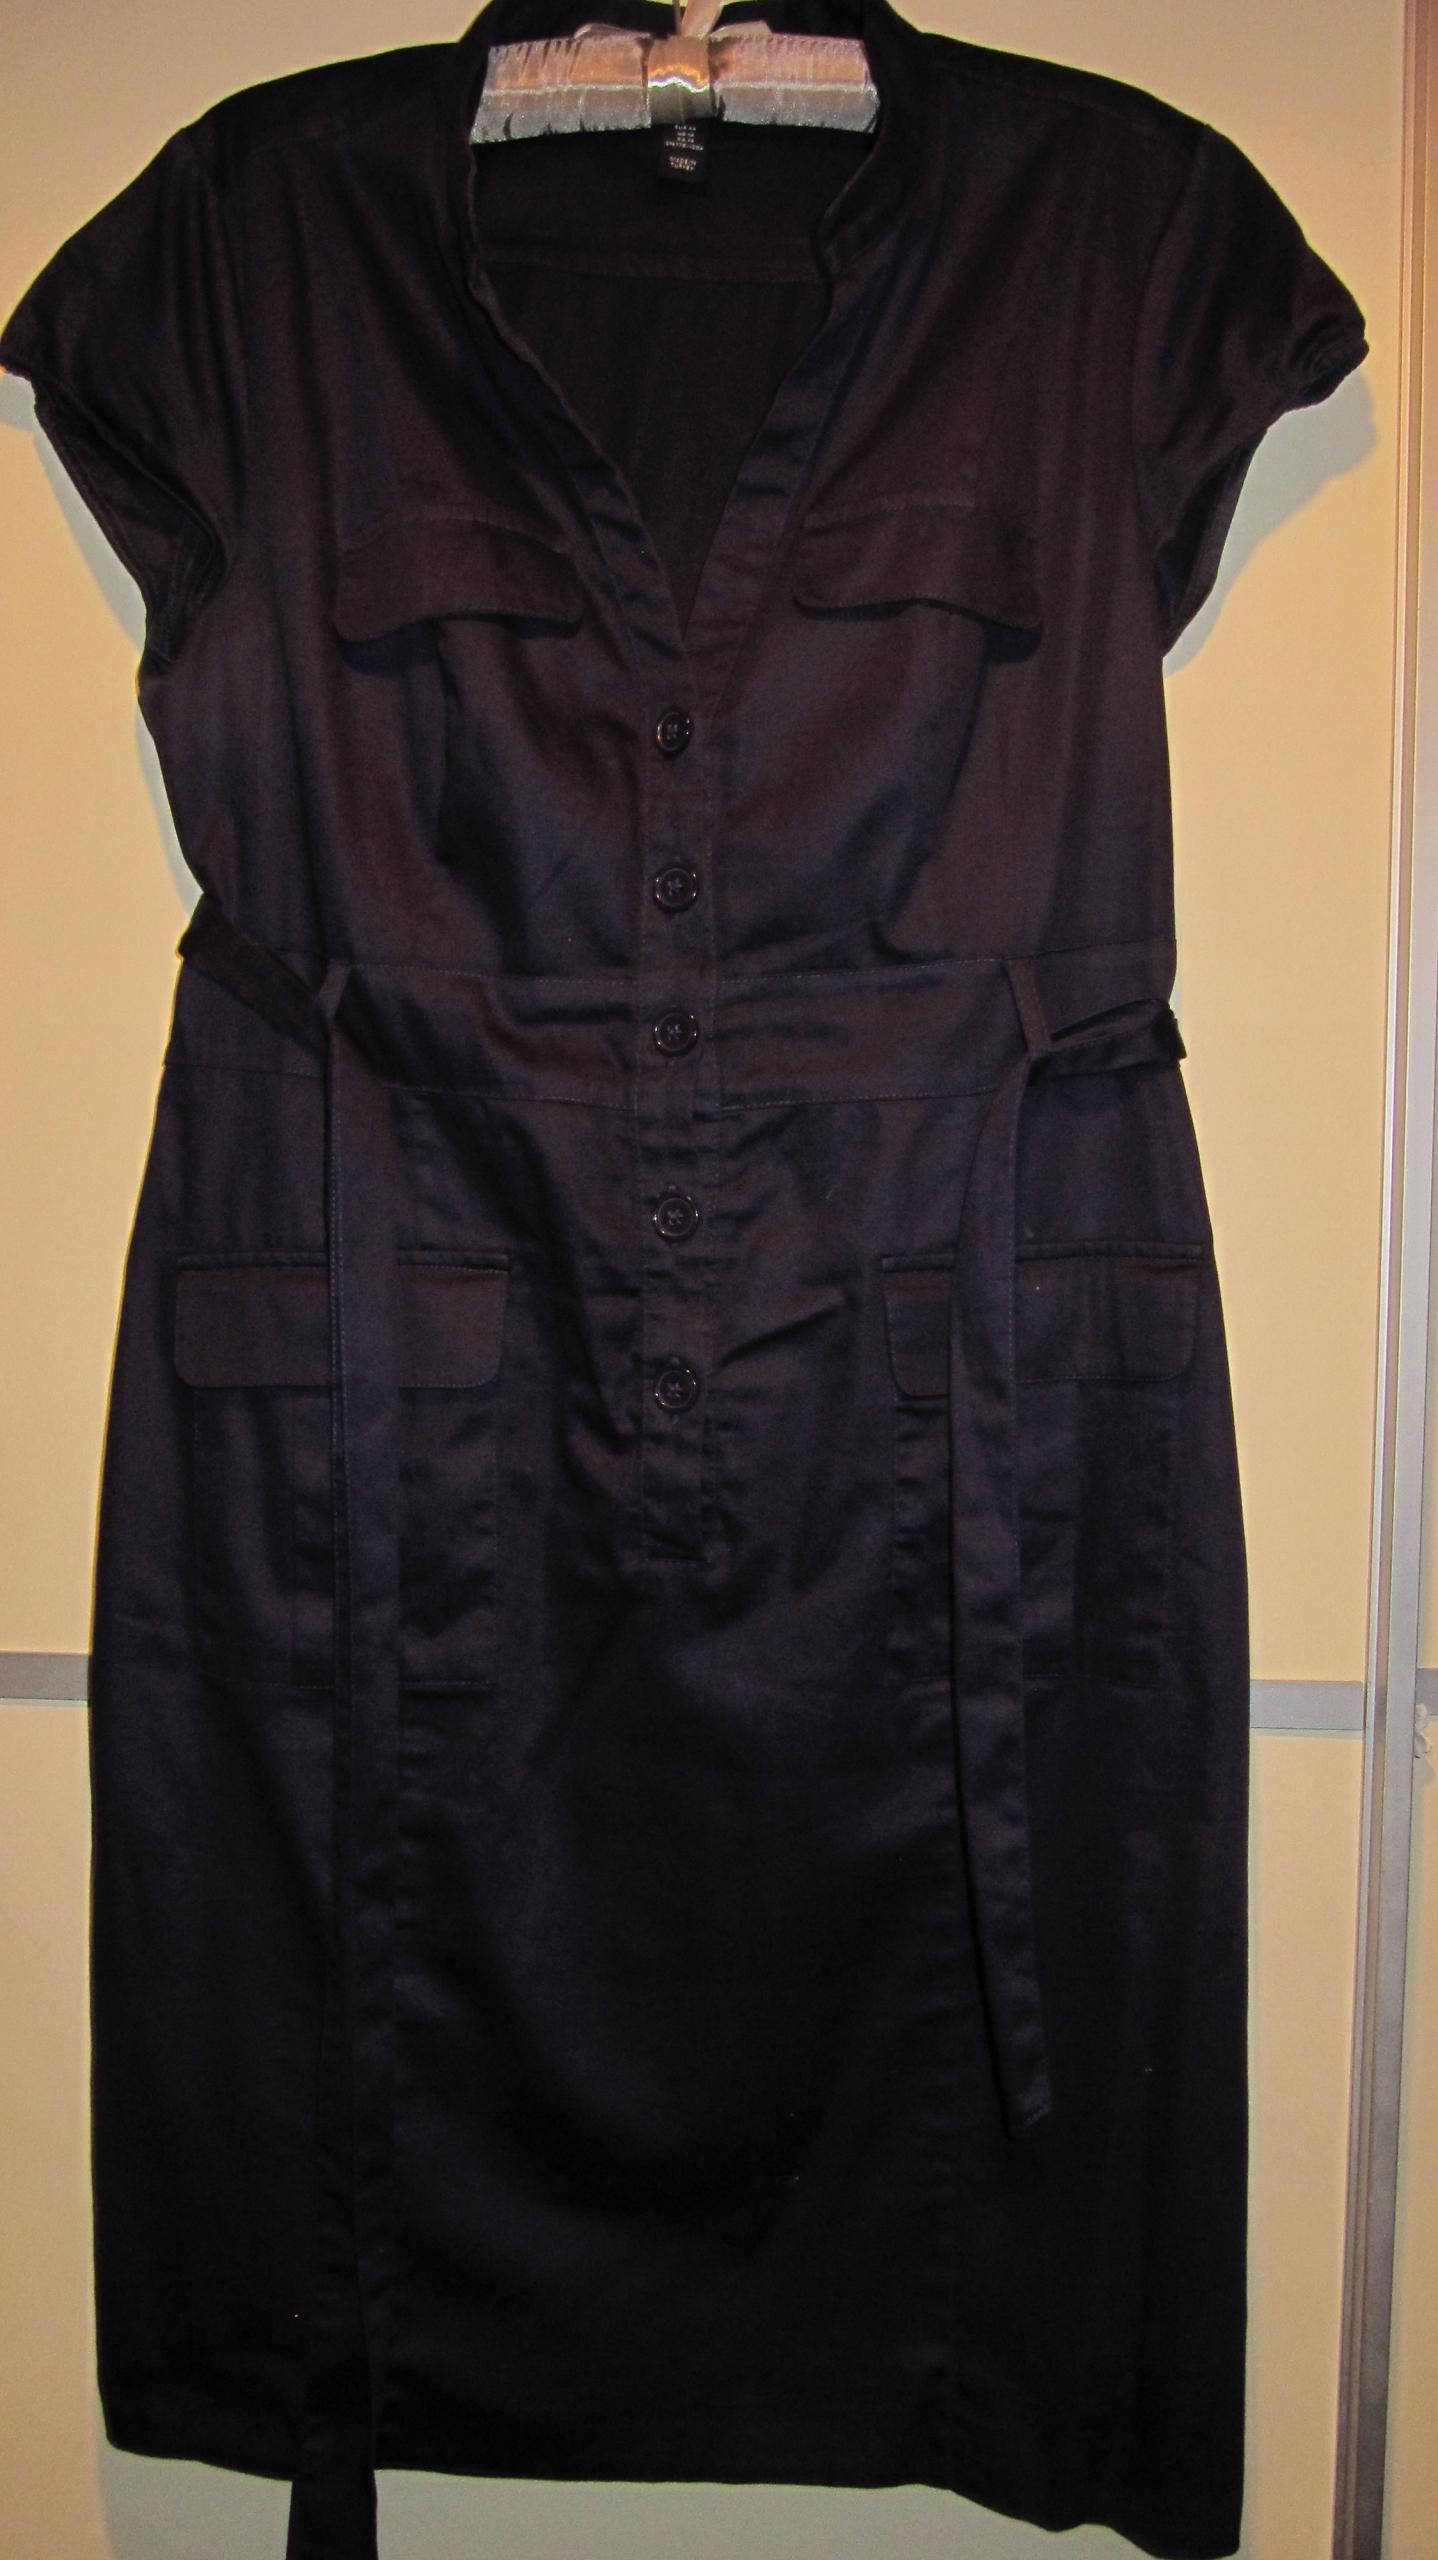 423b2ac007 H M Sukienka szmizjerka ołówkowa 44 - 7728003117 - oficjalne ...